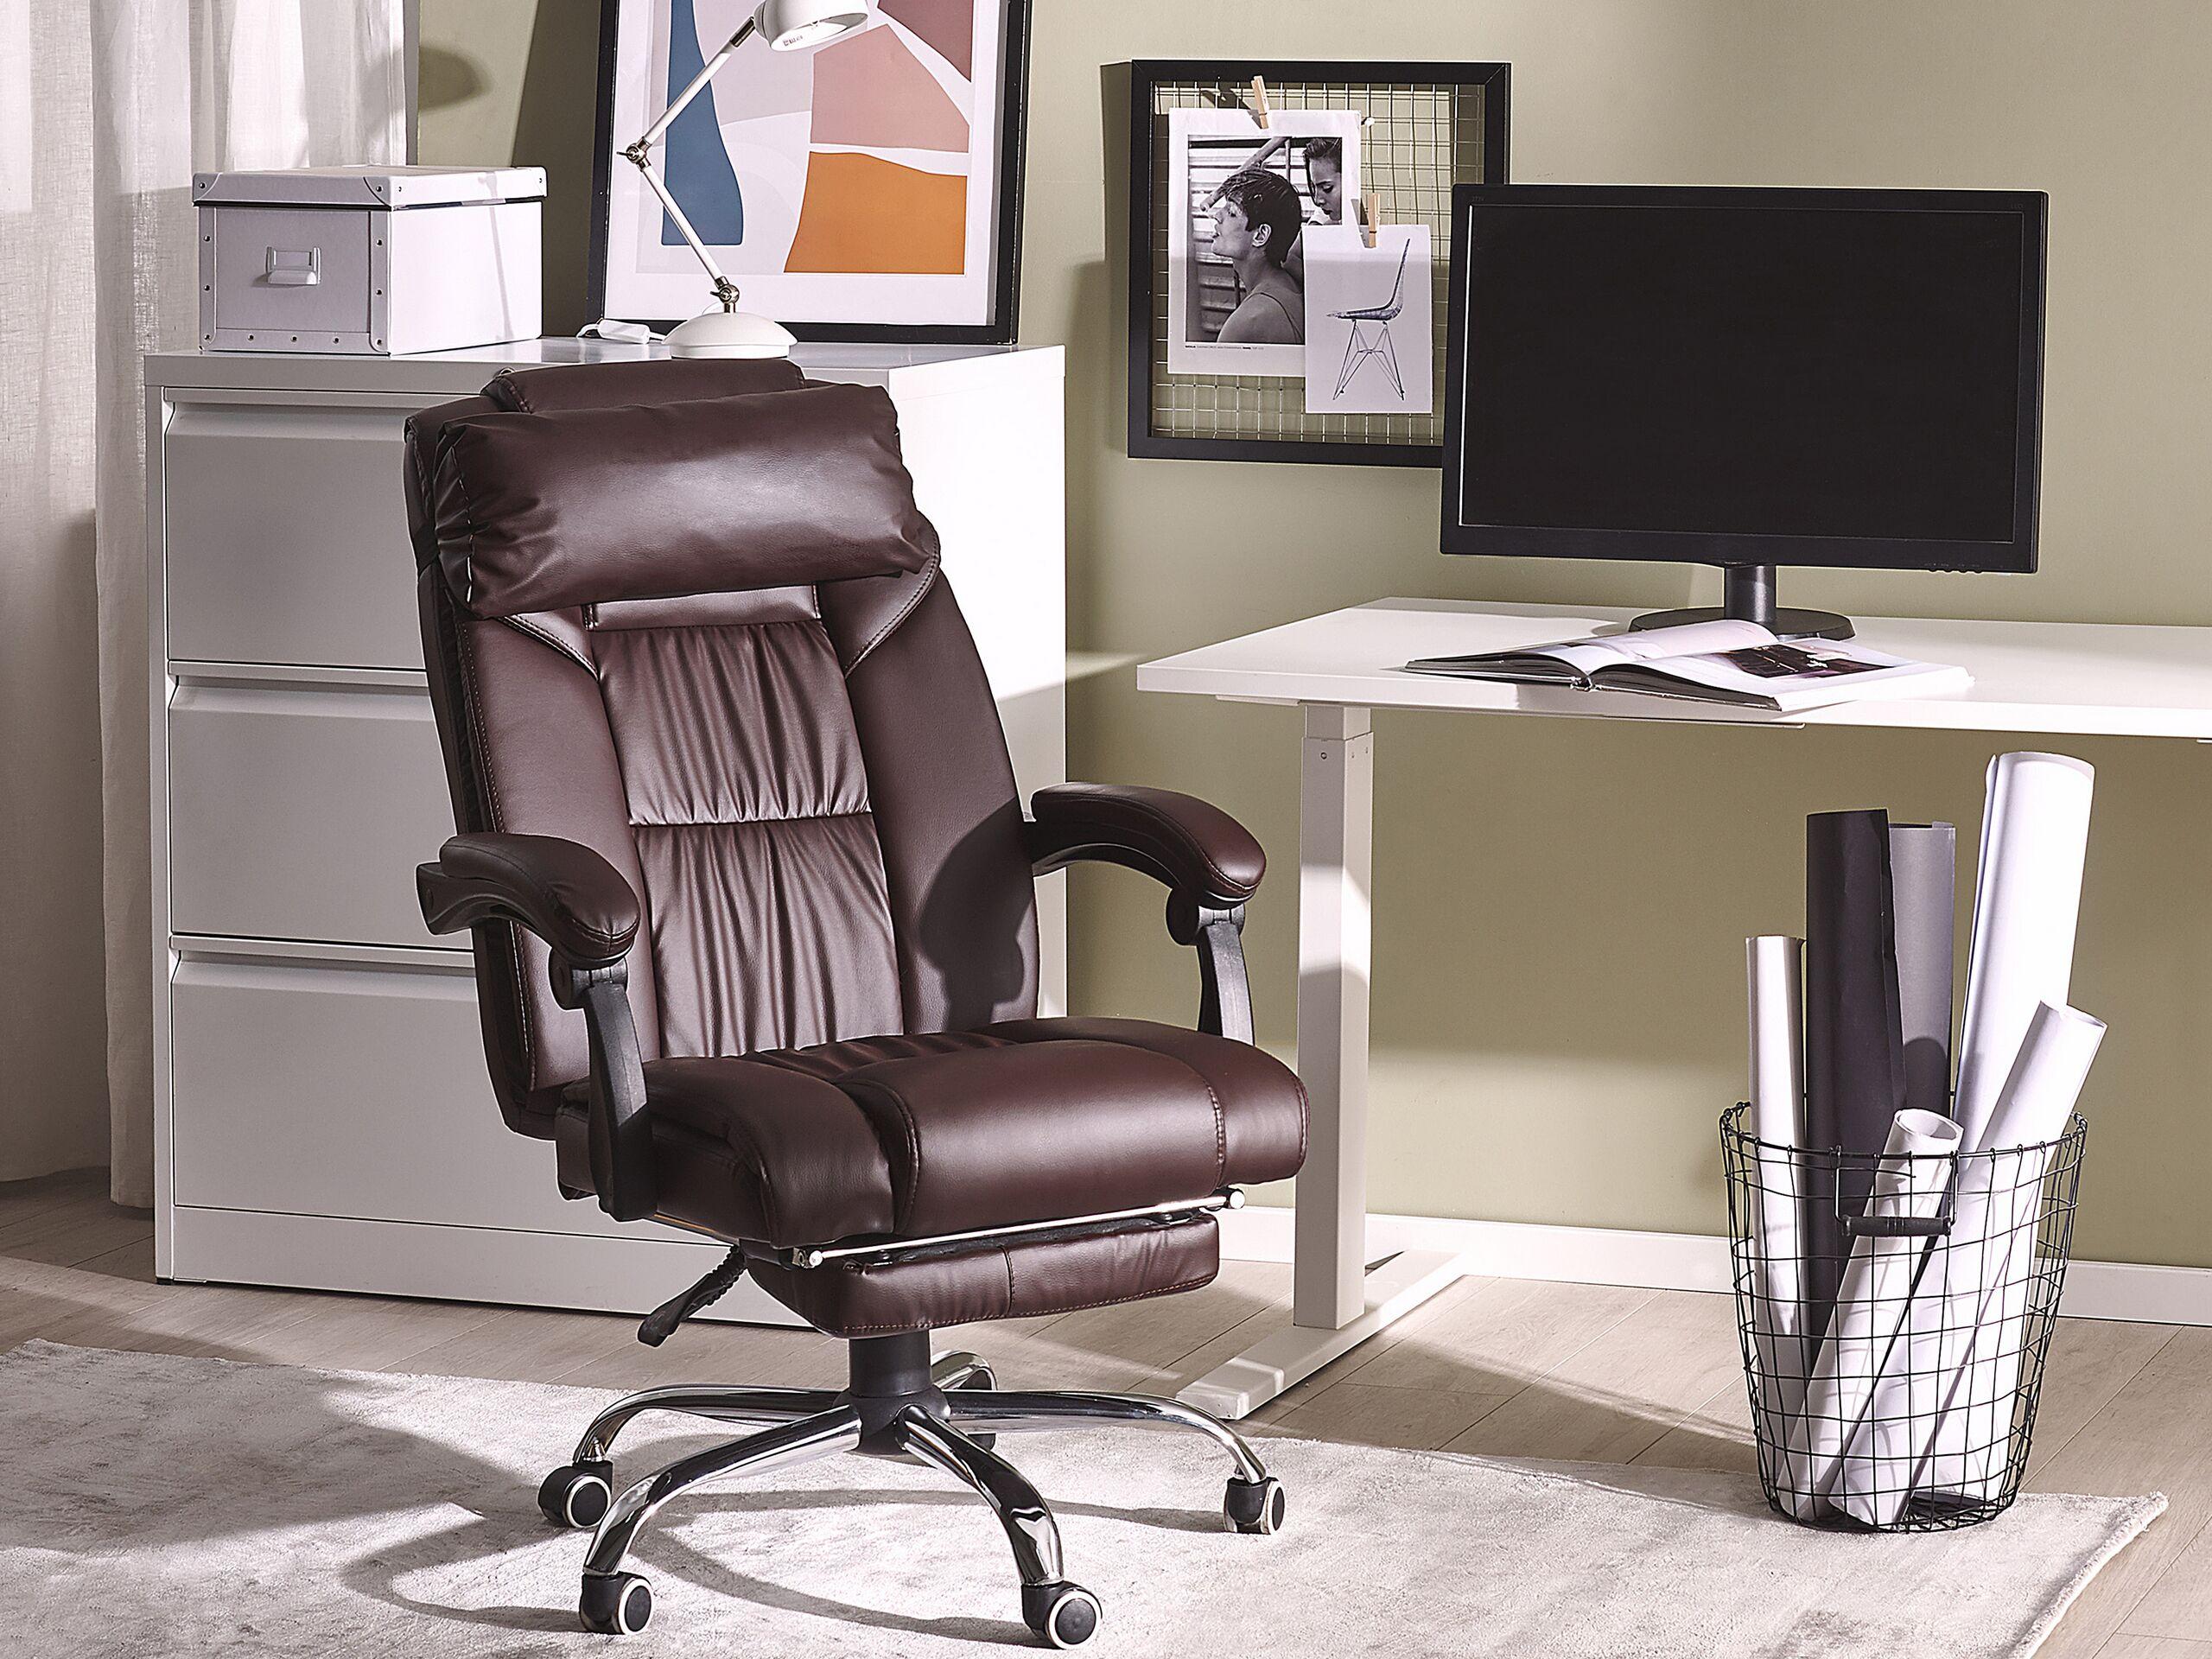 Chaise de bureau en simili-cuir marron